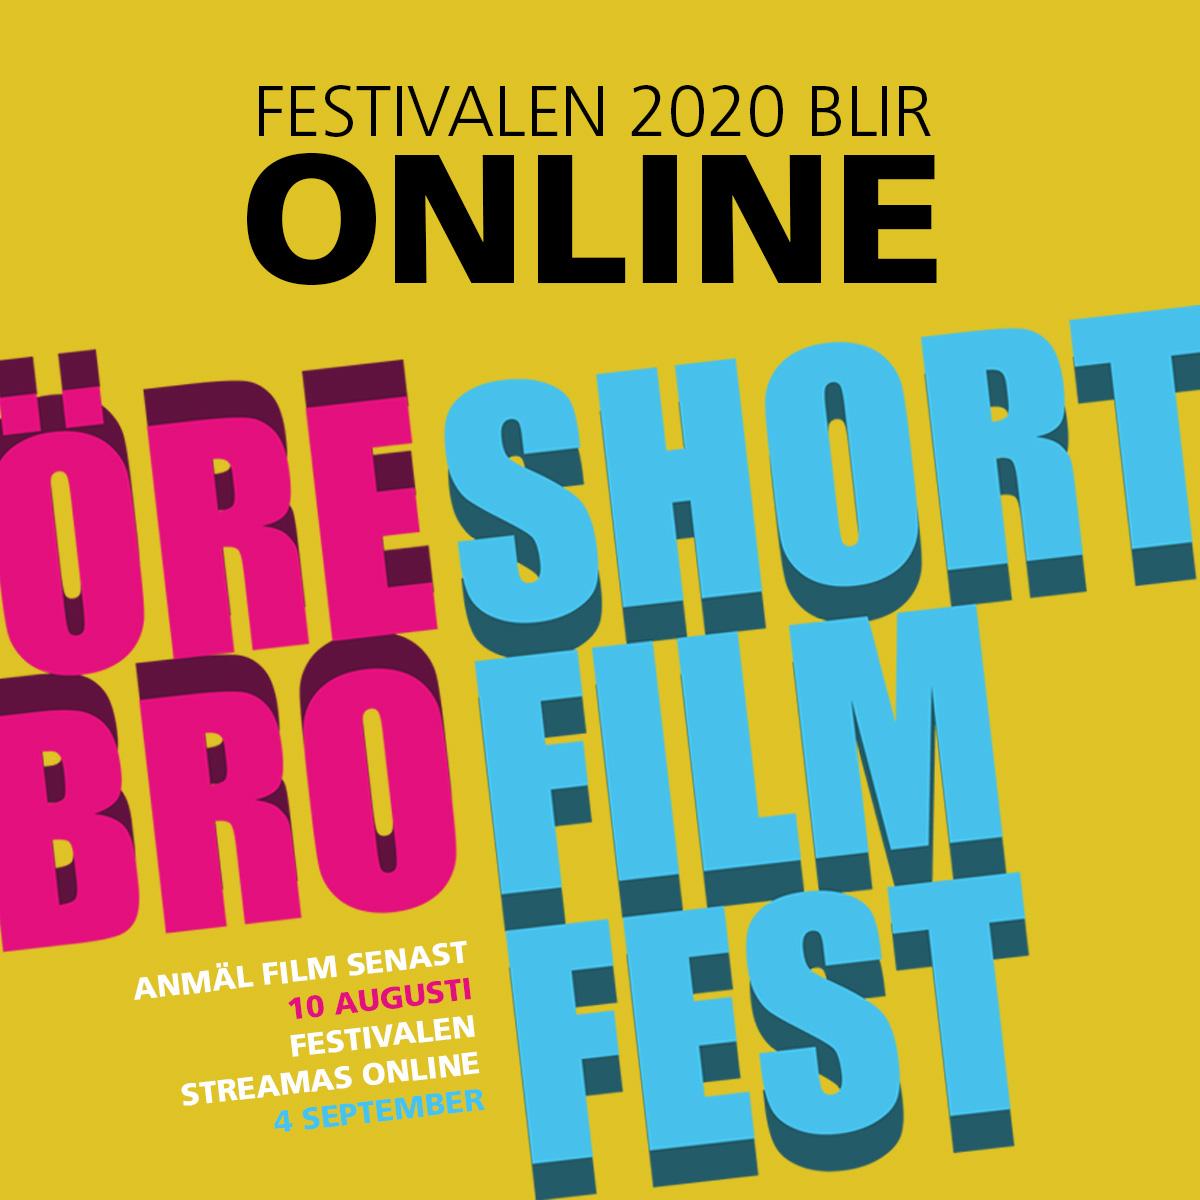 Örebro Short Film Fest visas online 4 september